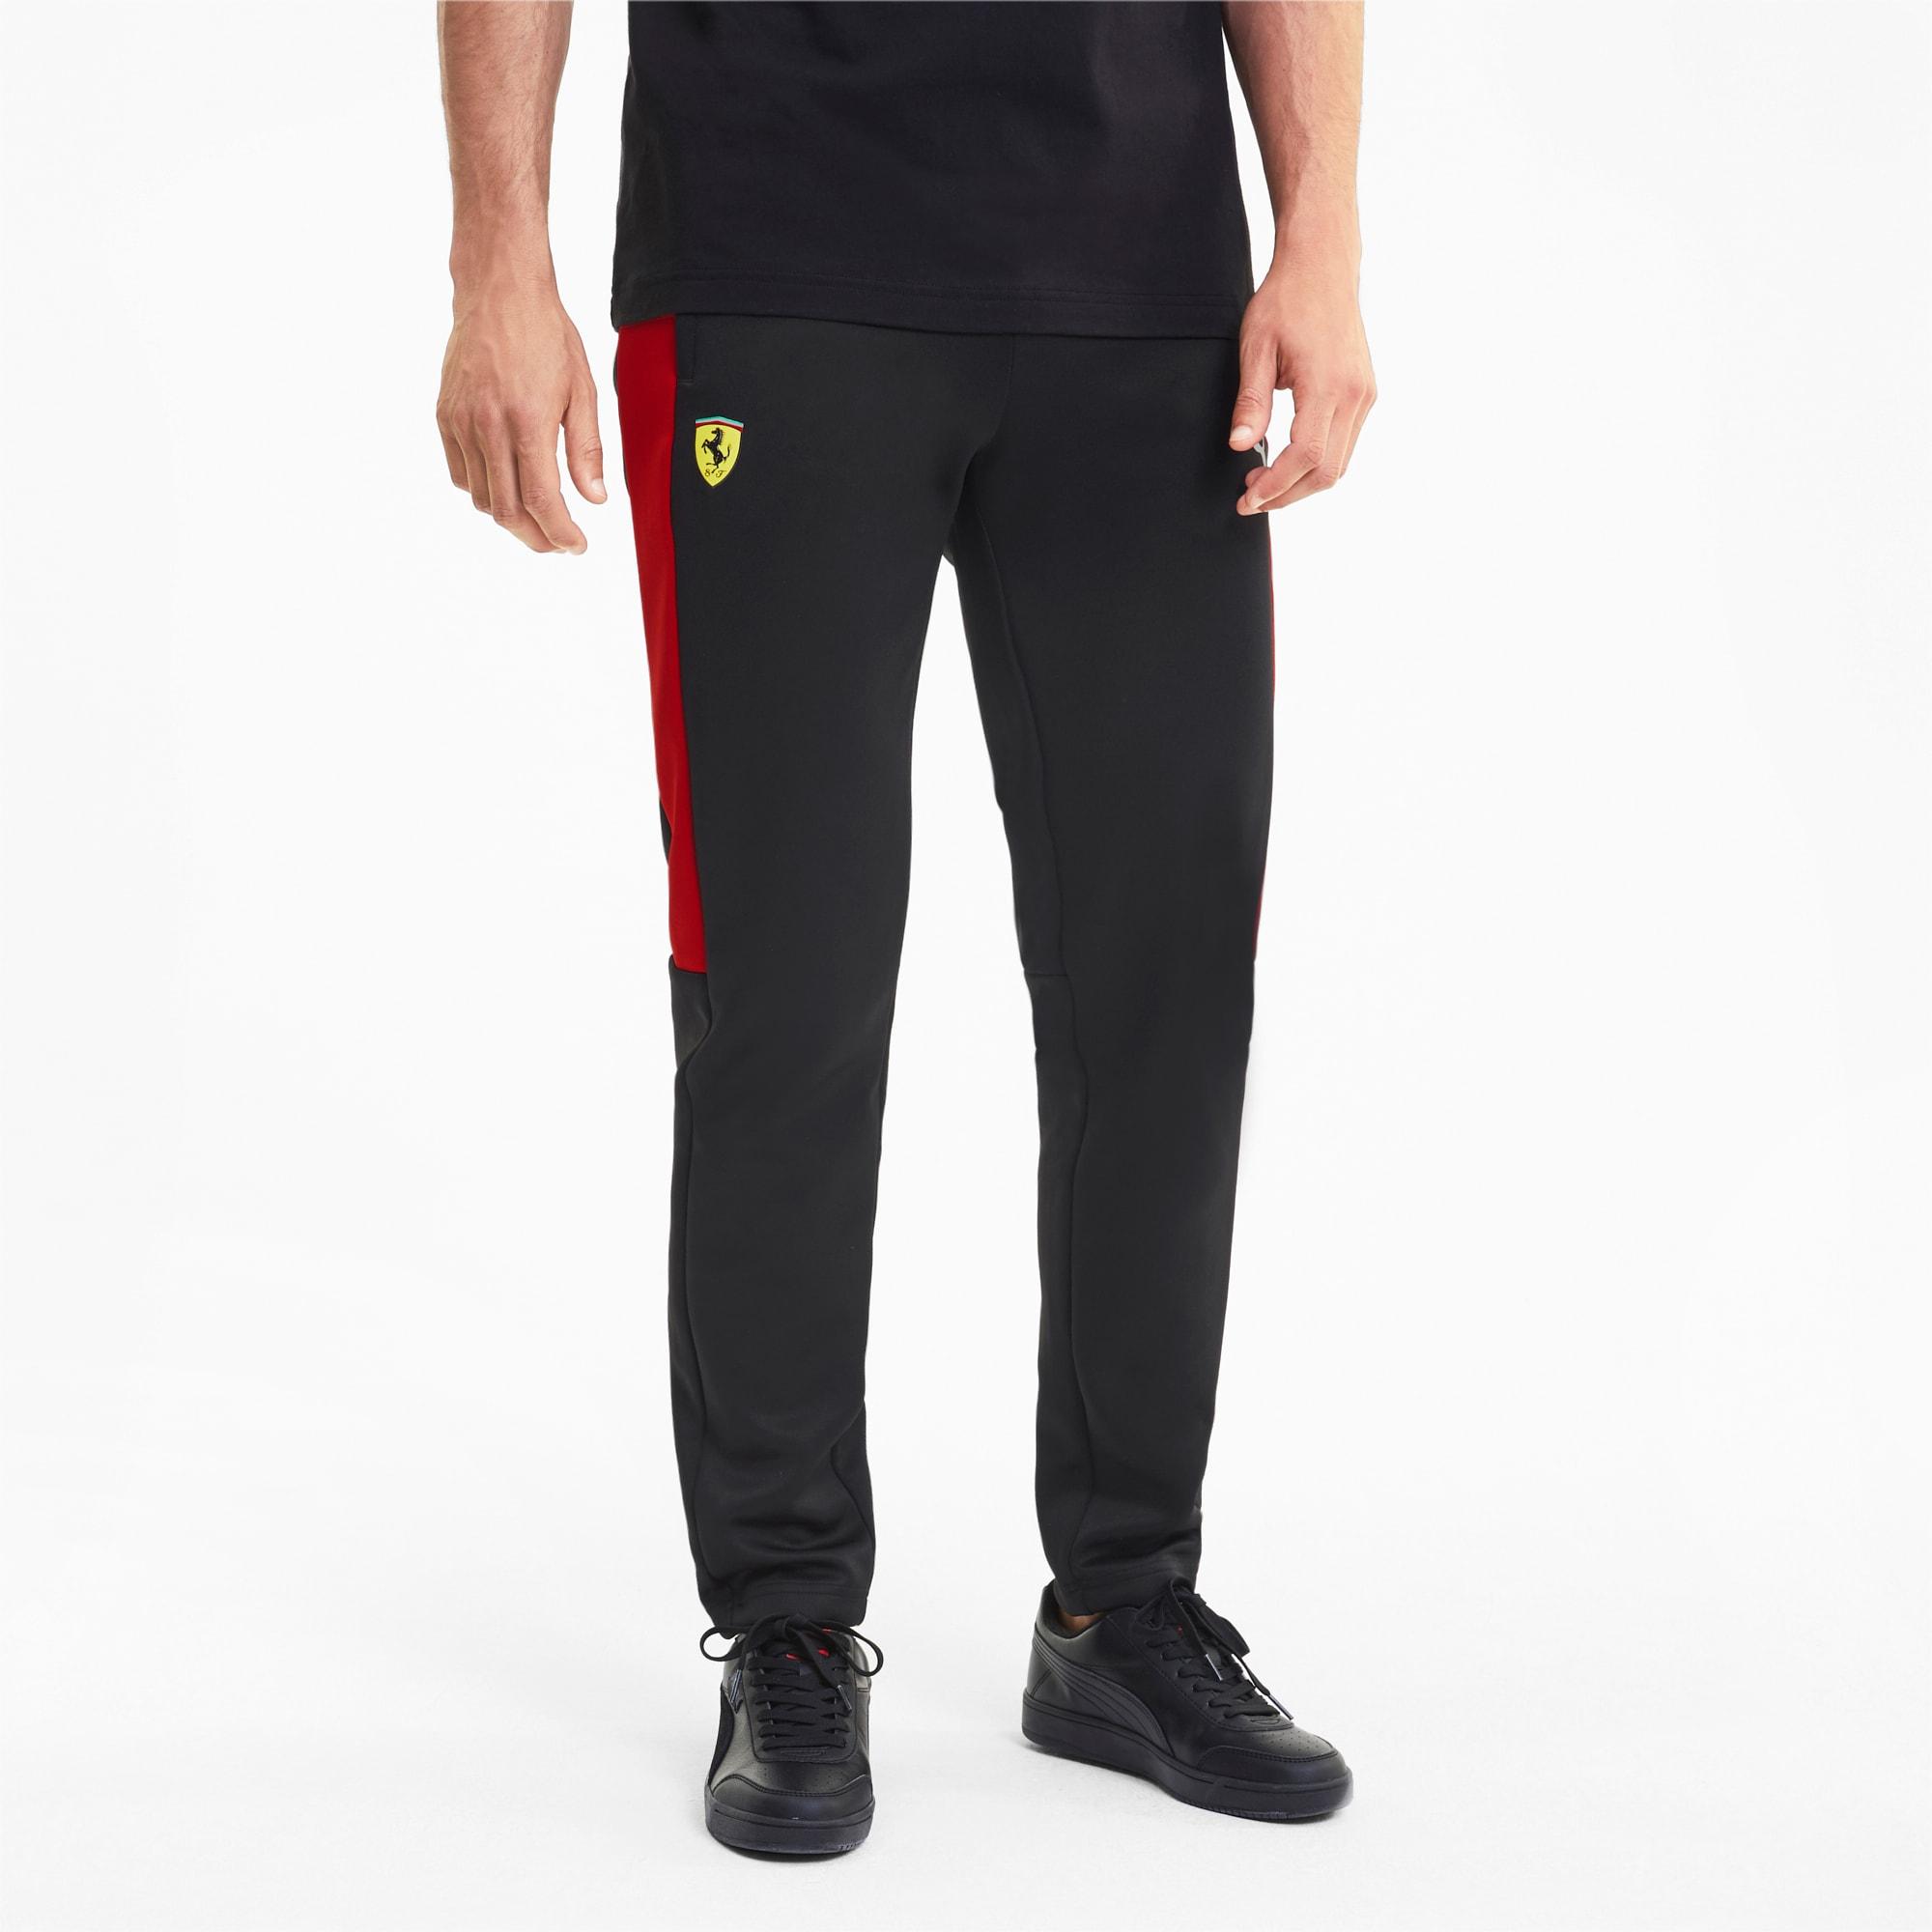 puma -  Scuderia Ferrari Race T7 Herren Trainingshose | Schwarz | Größe: XS